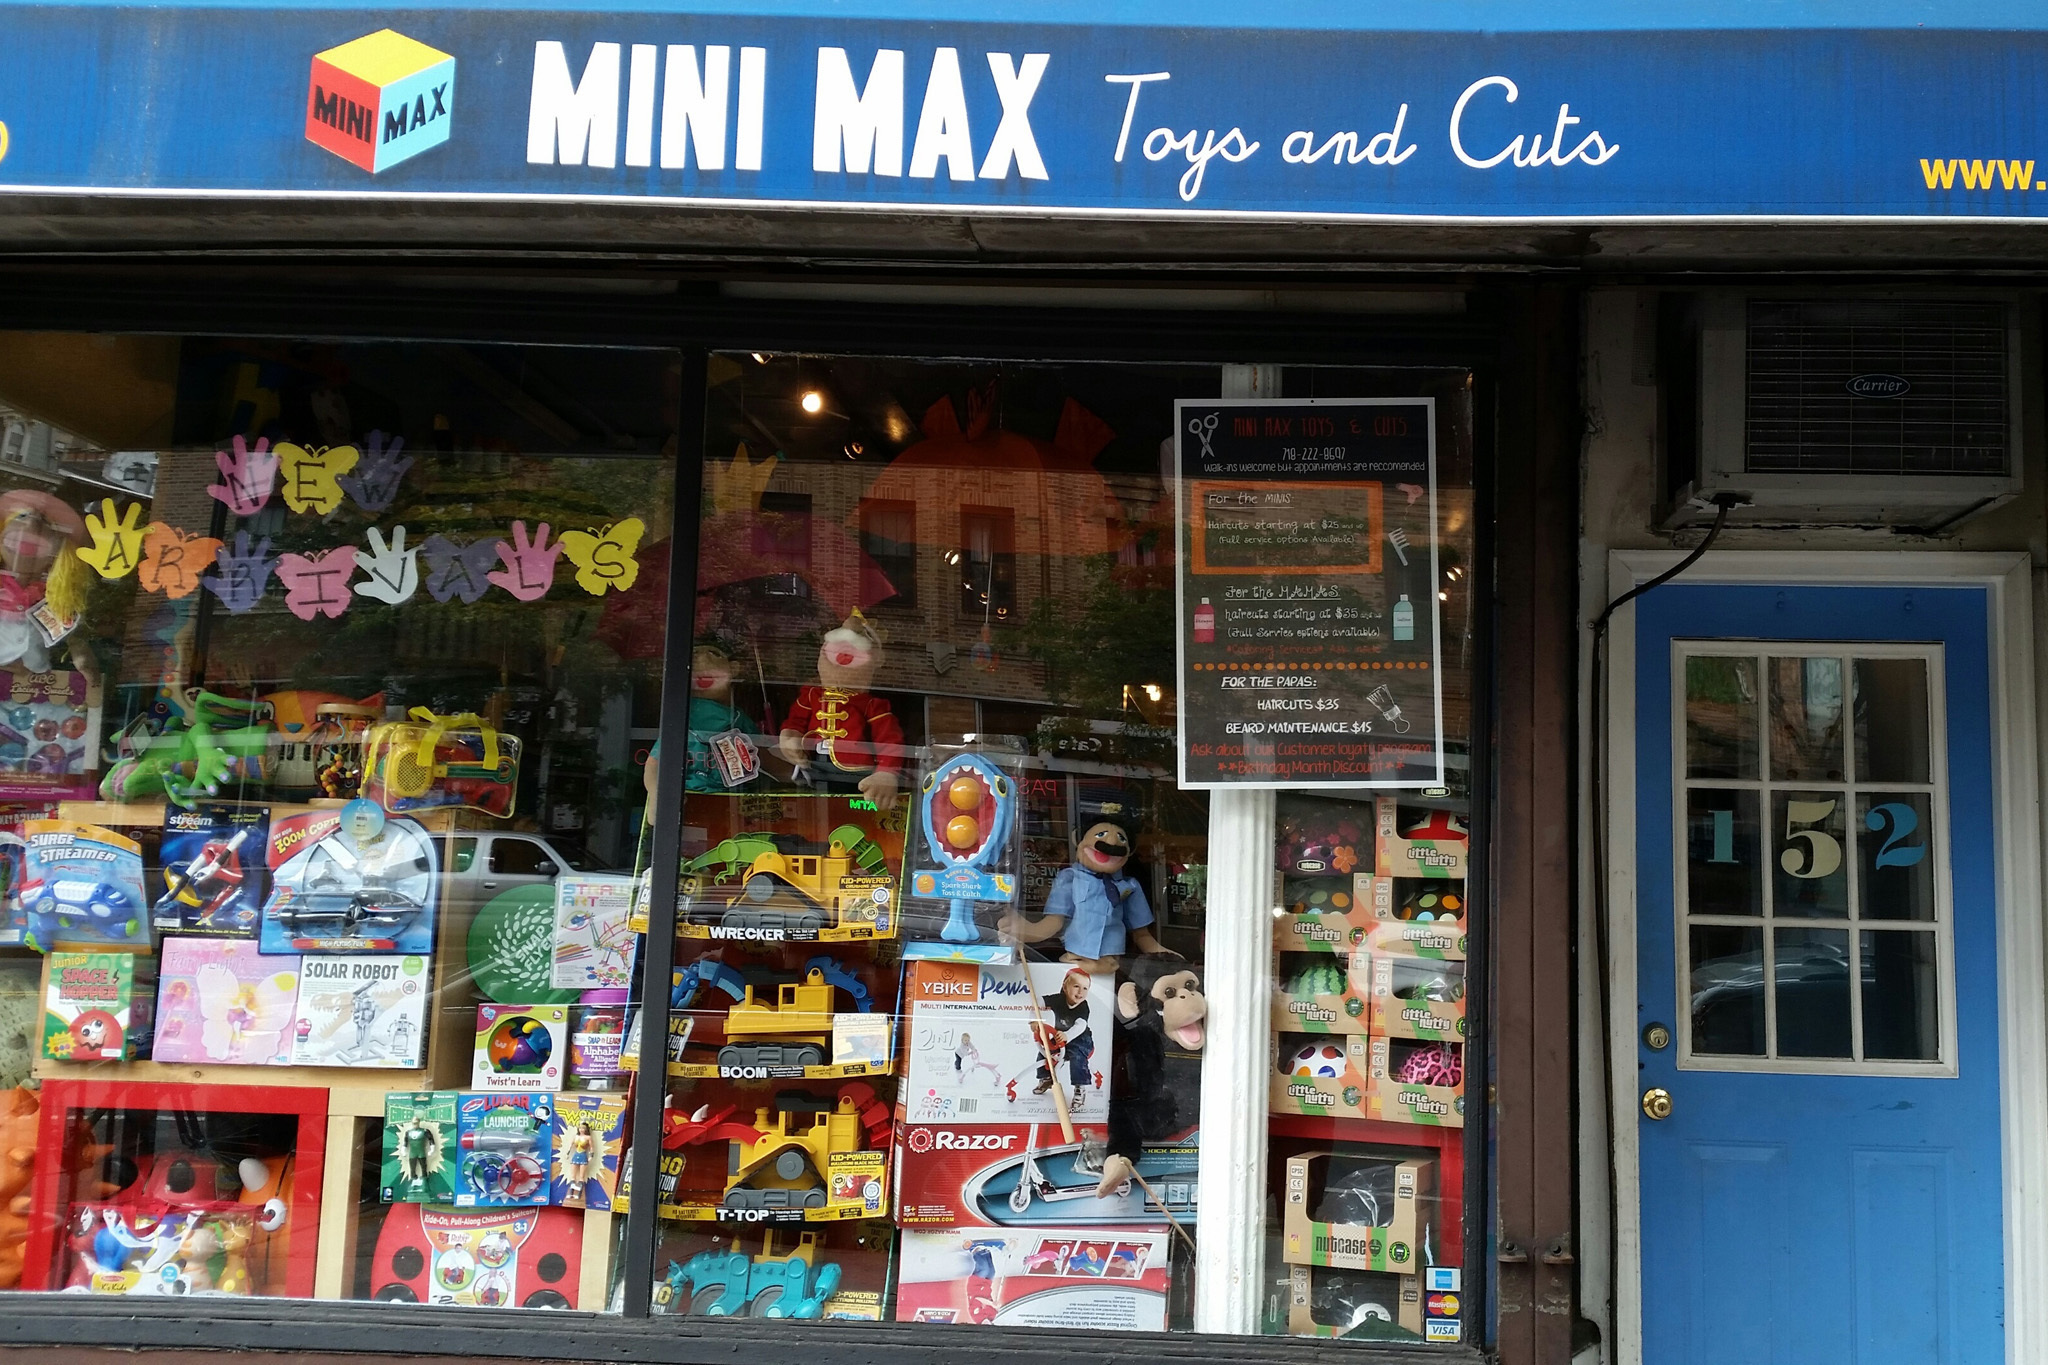 Mini Max Toys & Cuts